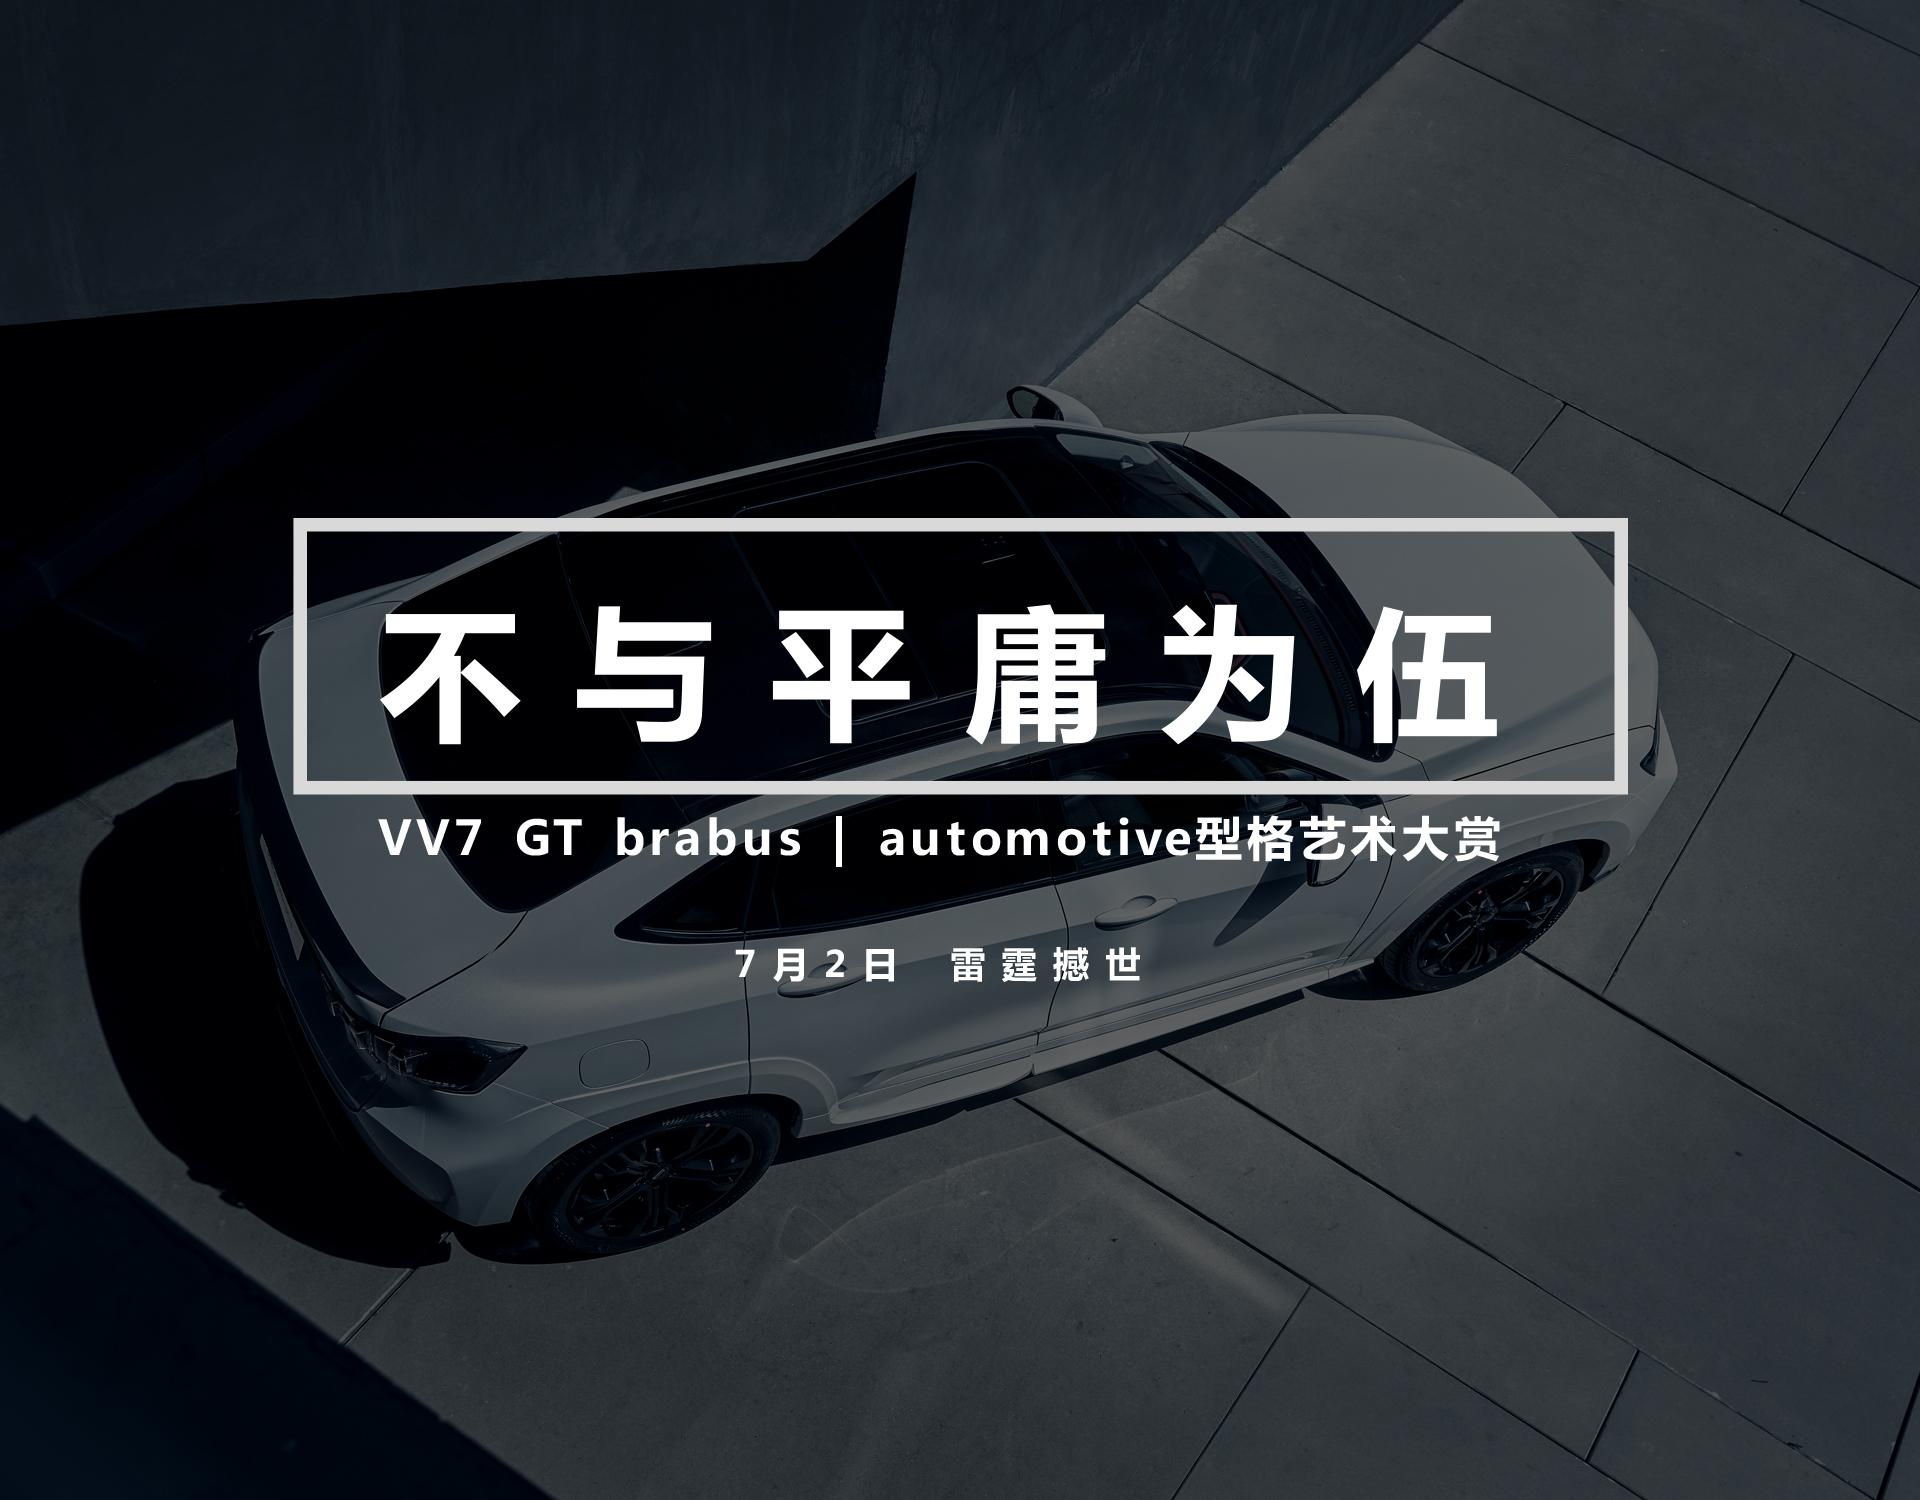 中国品牌首款brabus车型VV7 GT brabus automotive 极智新生